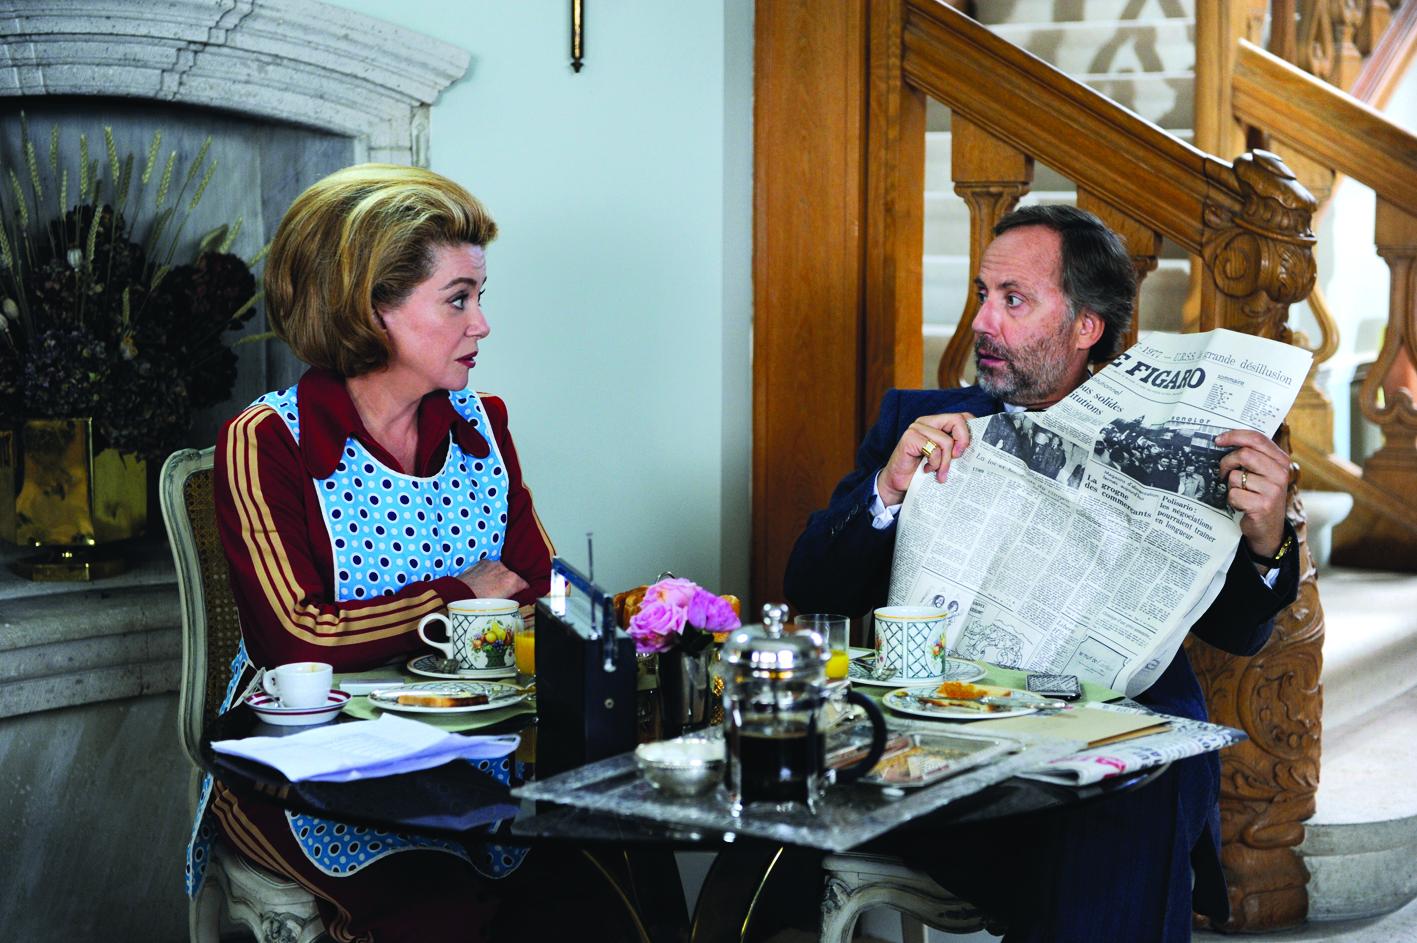 Catherine Deneuve and Fabrice Luchini in Potiche